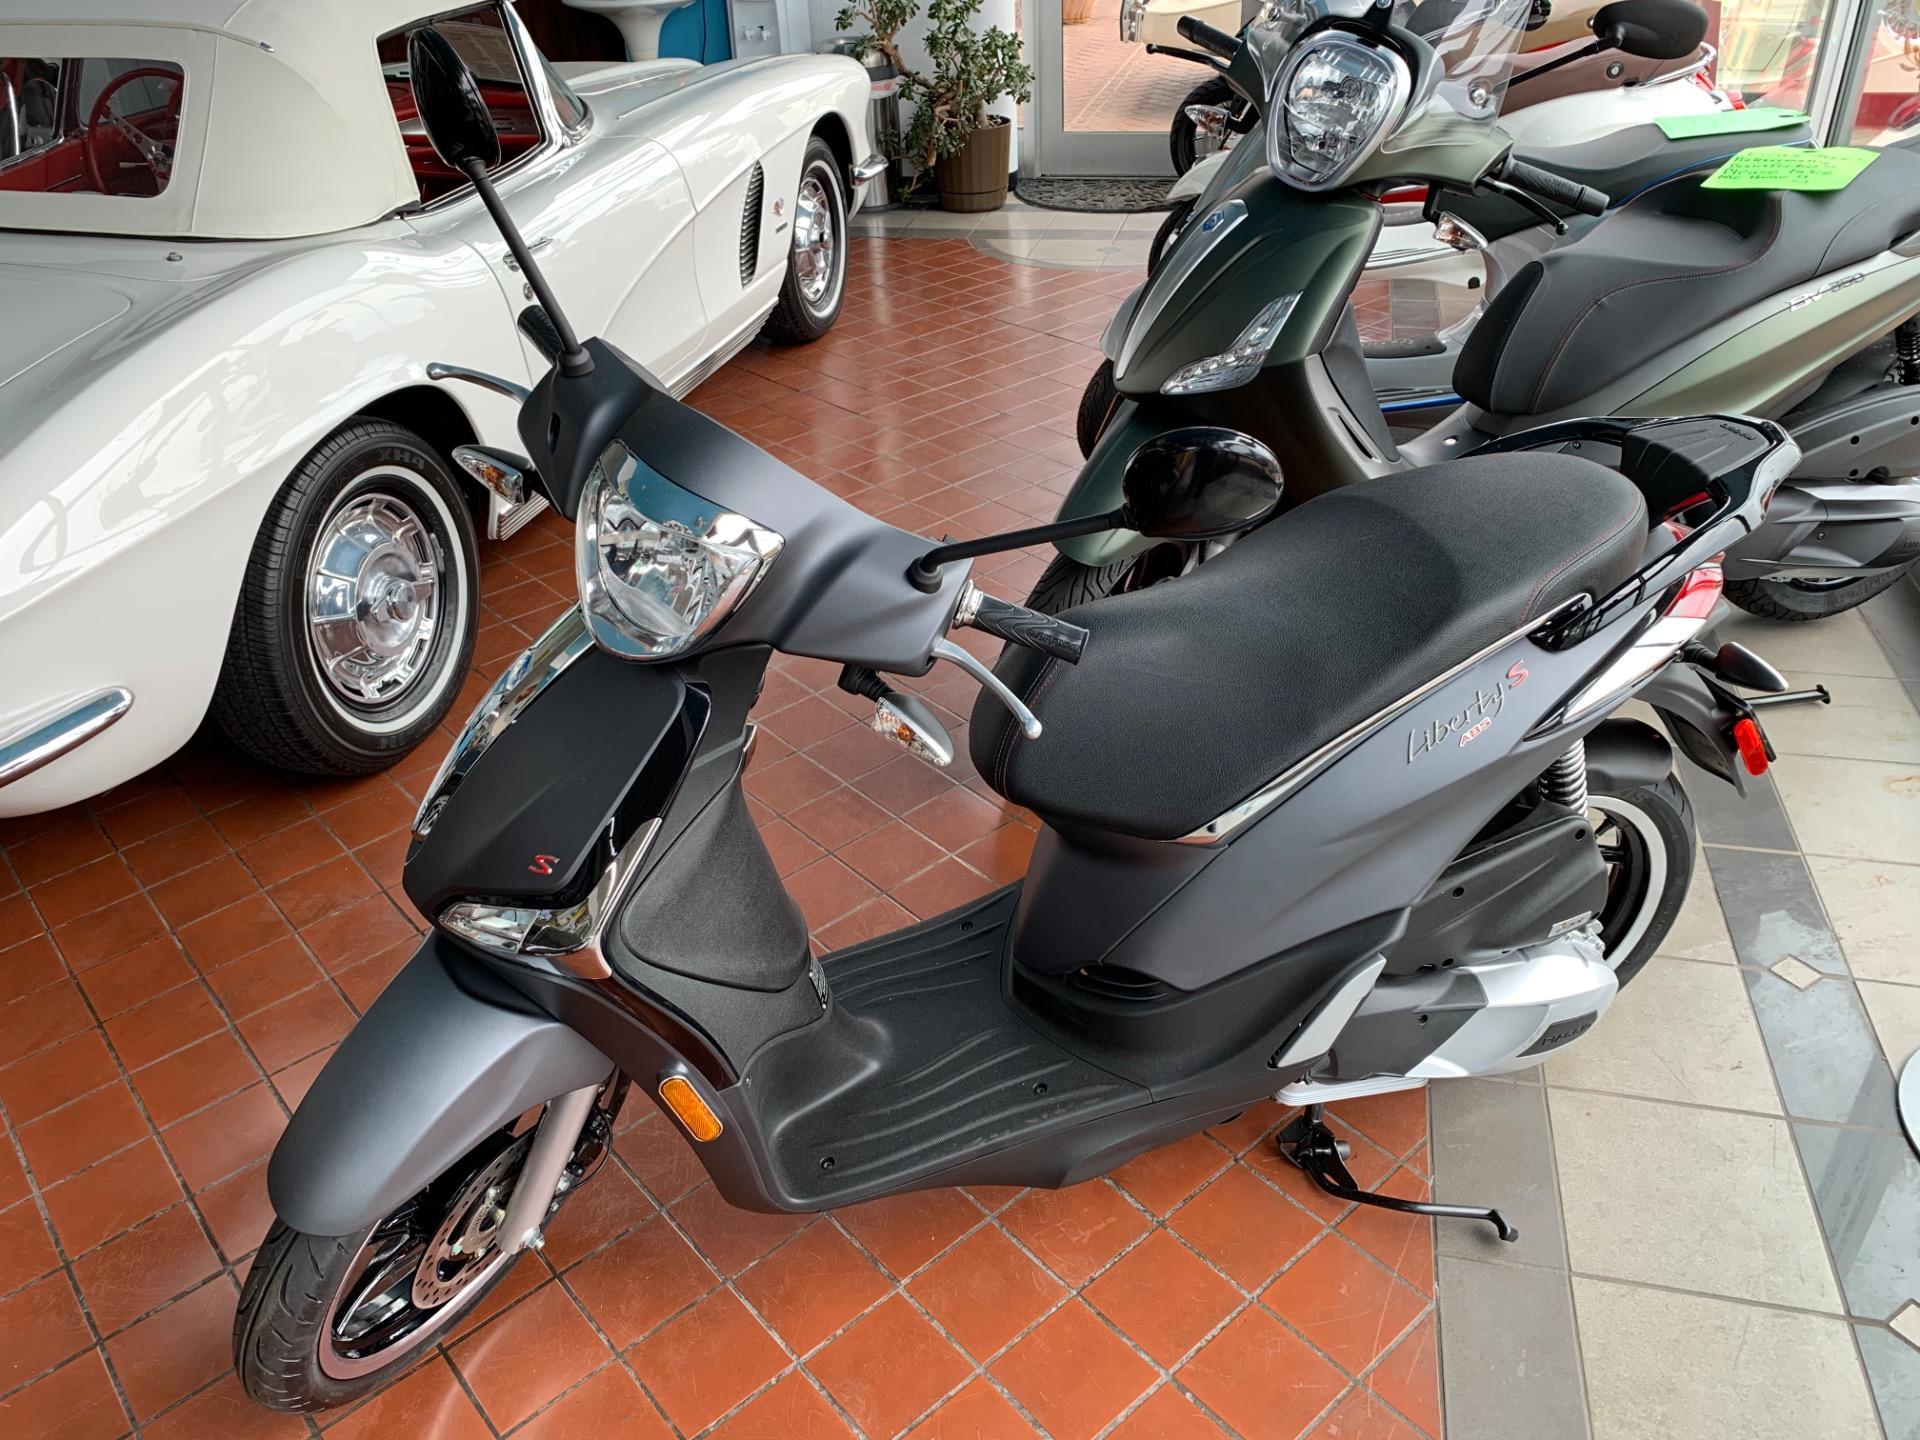 New-2020-PIAGGIO-Liberty-150-S